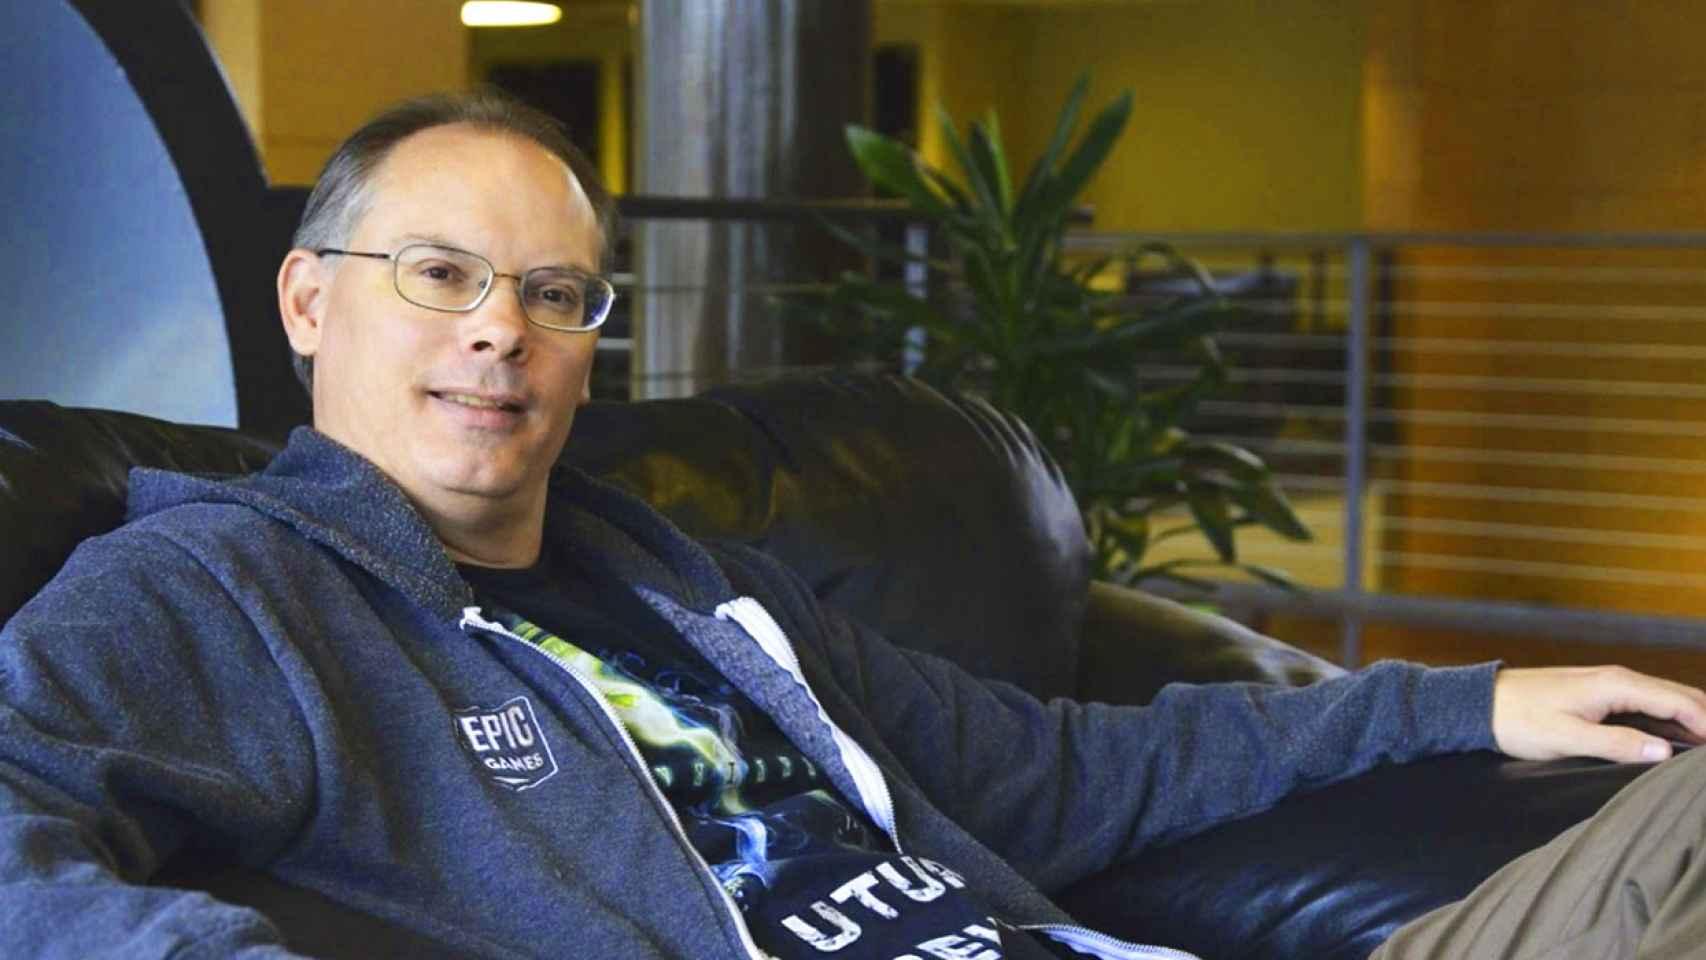 Timothy Dean Sweeney, fundador y CEO de Epic Games.